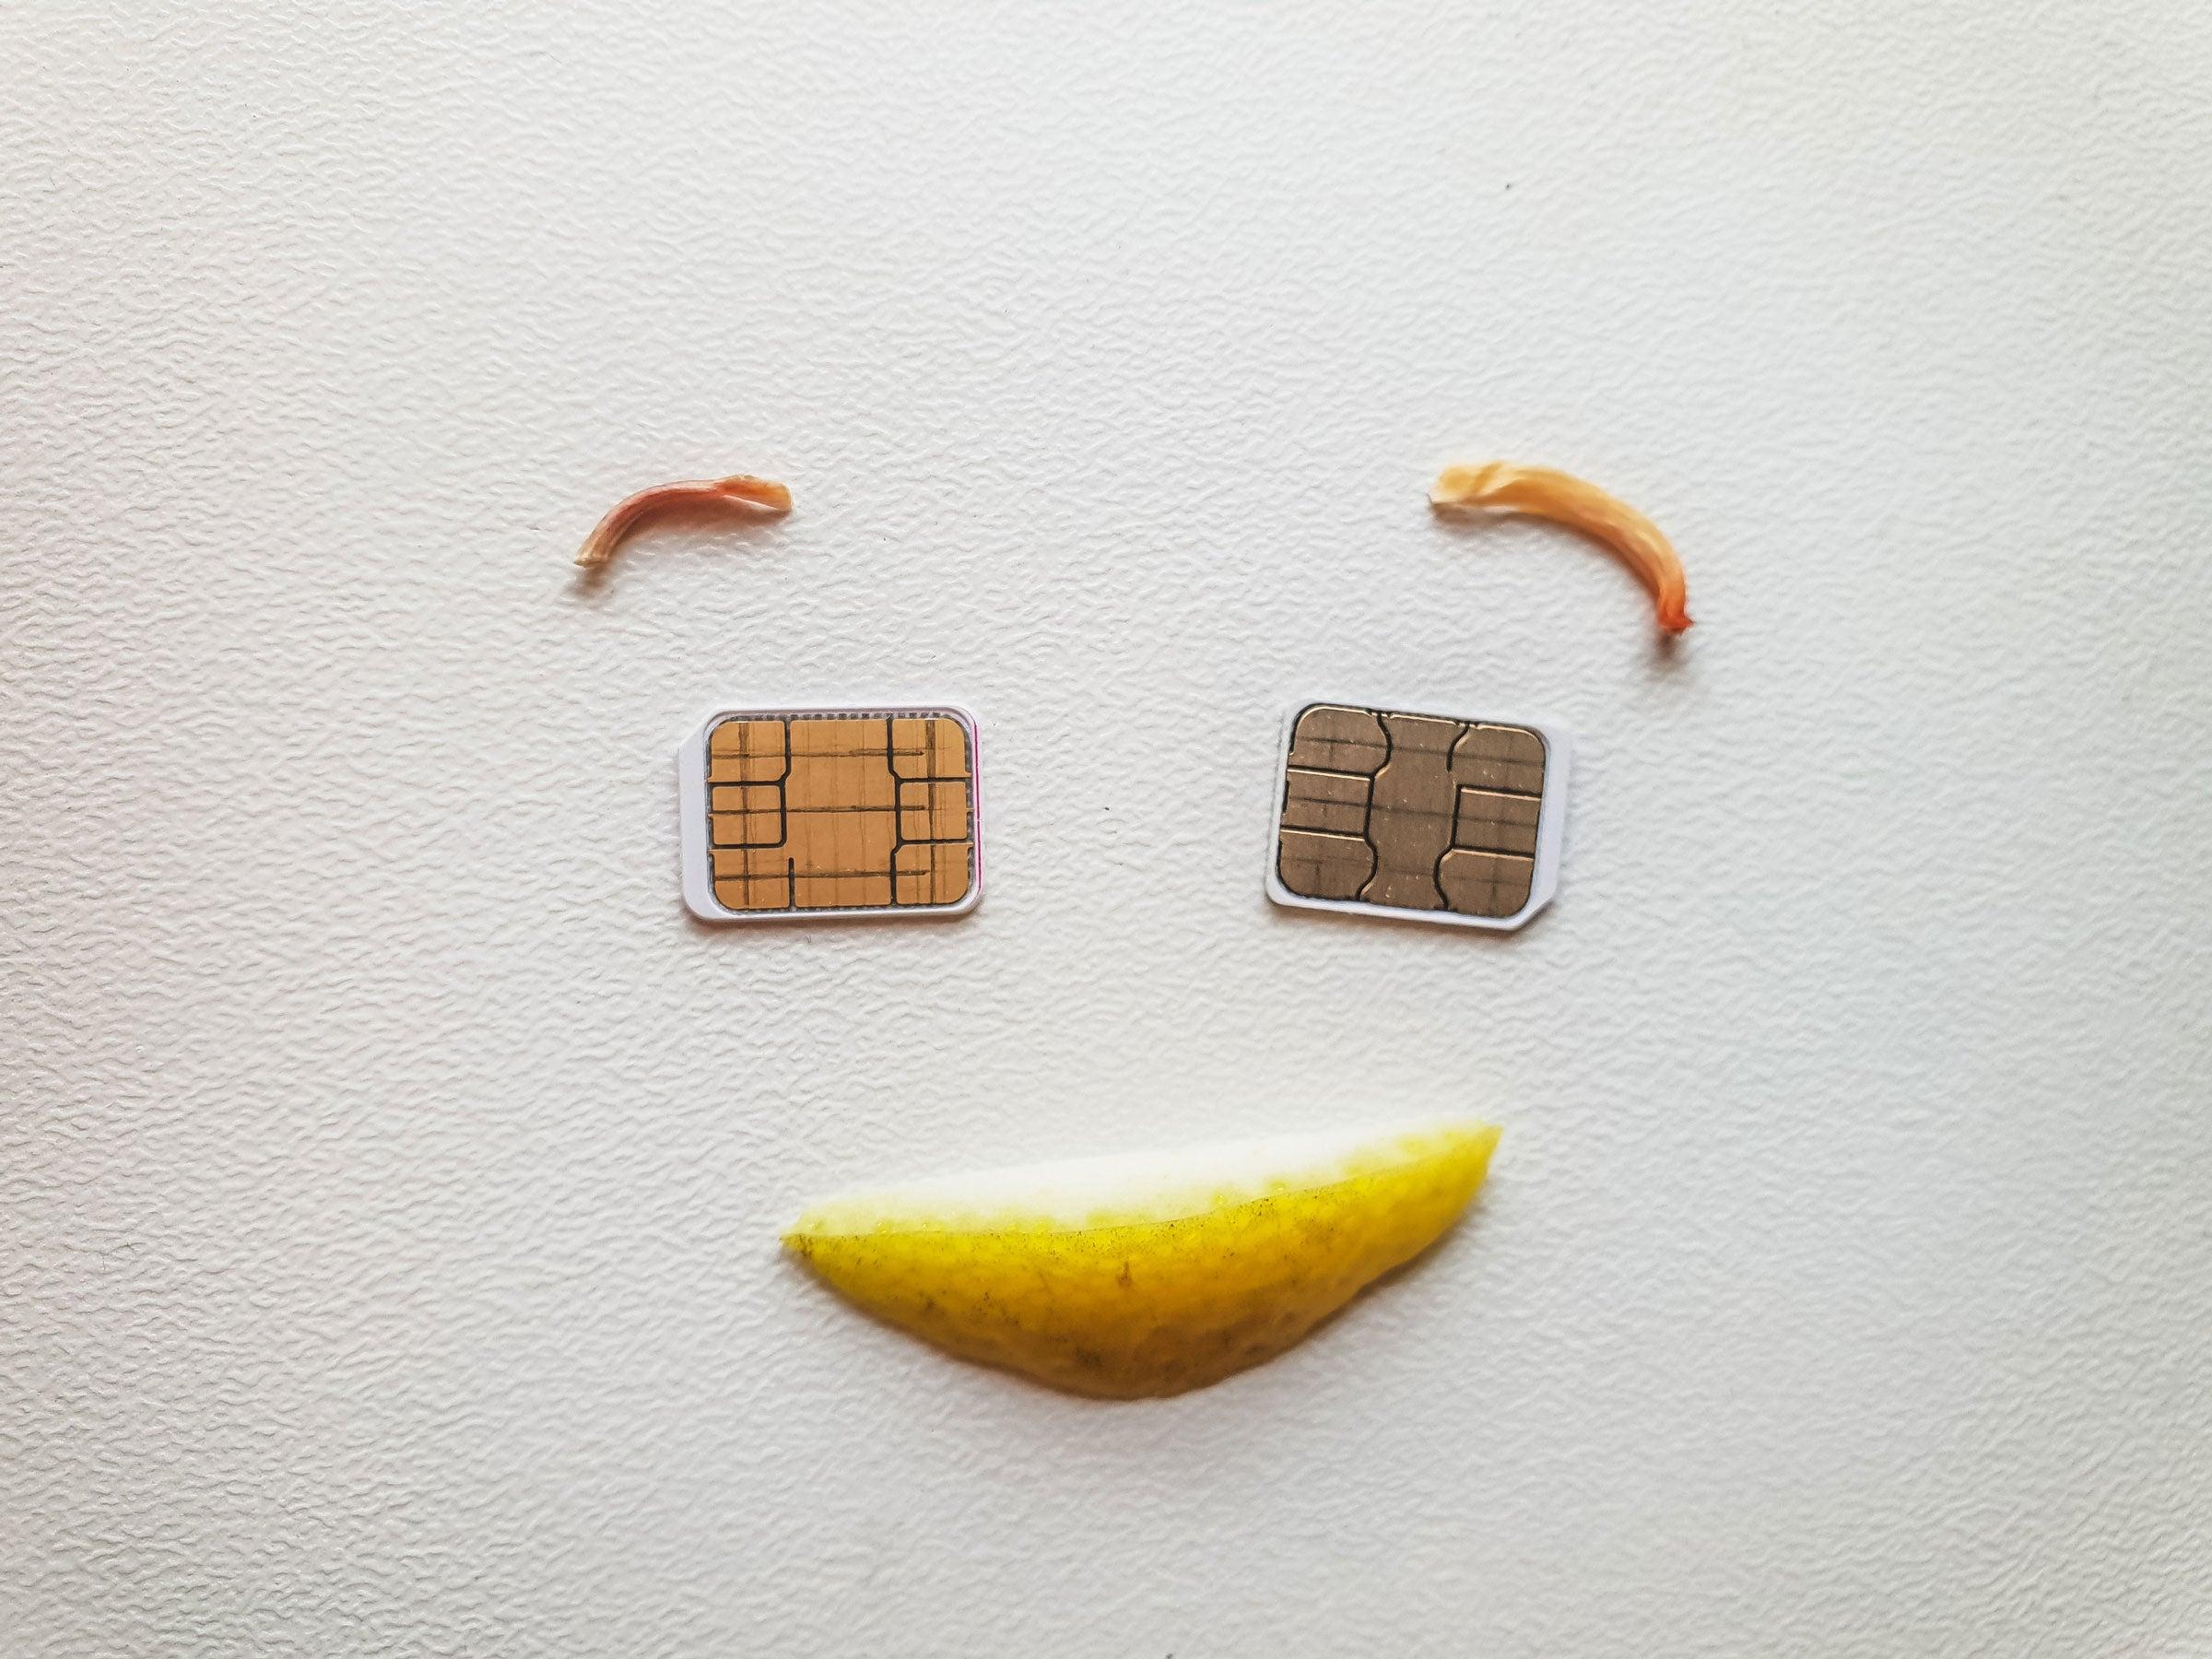 Prepaid-Karte aufladen